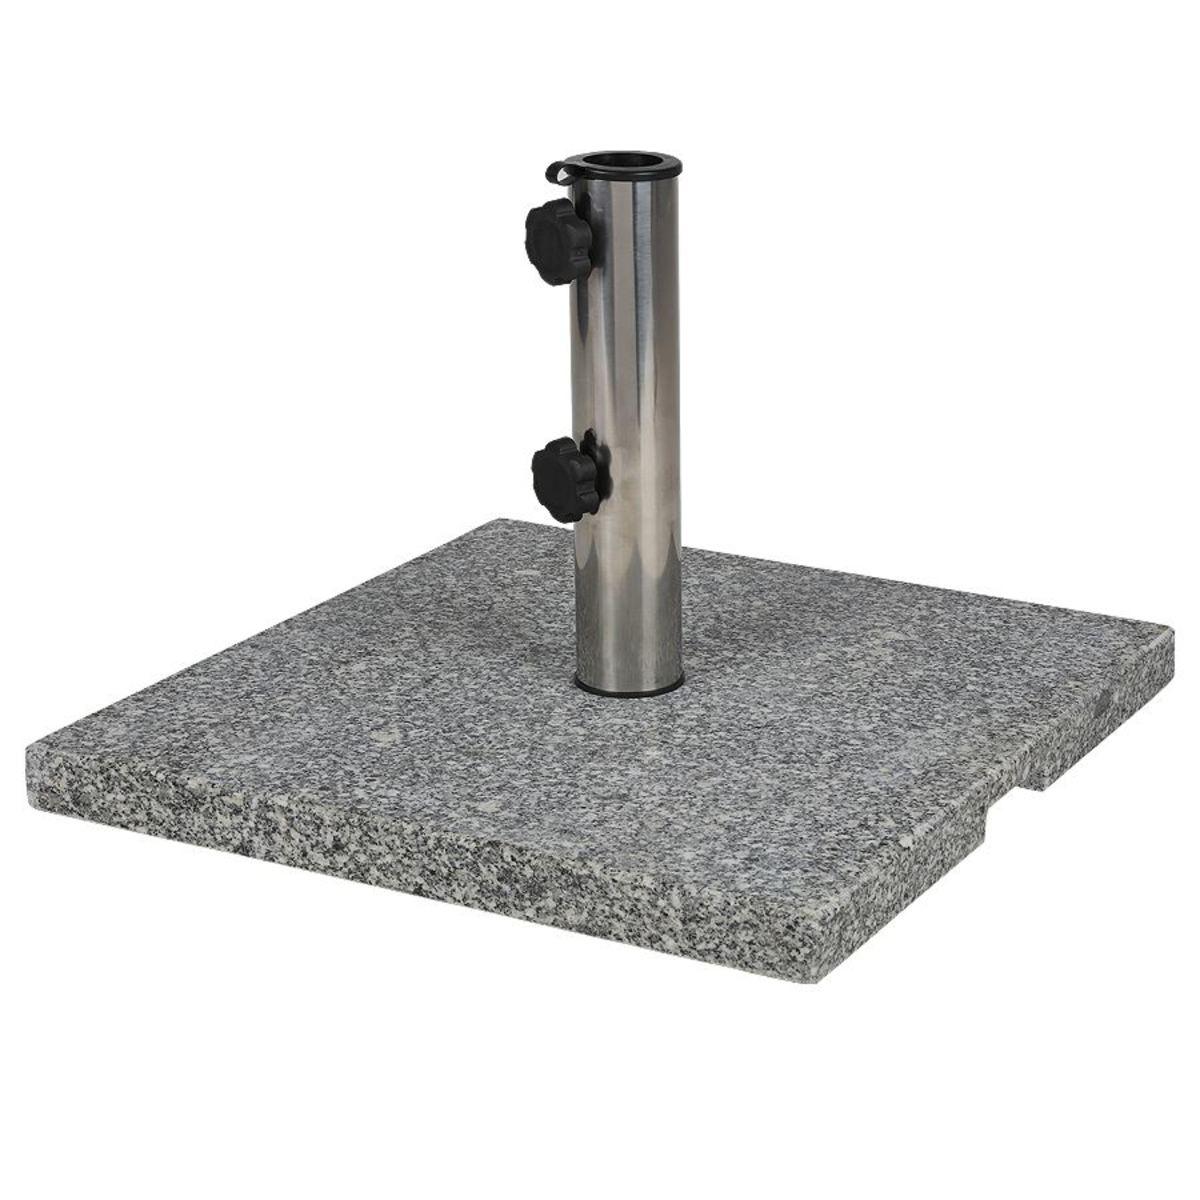 Bild 4 von Granit-Sonnenschirmständer eckig 20kg, poliertes Granit, Gewicht: 20kg